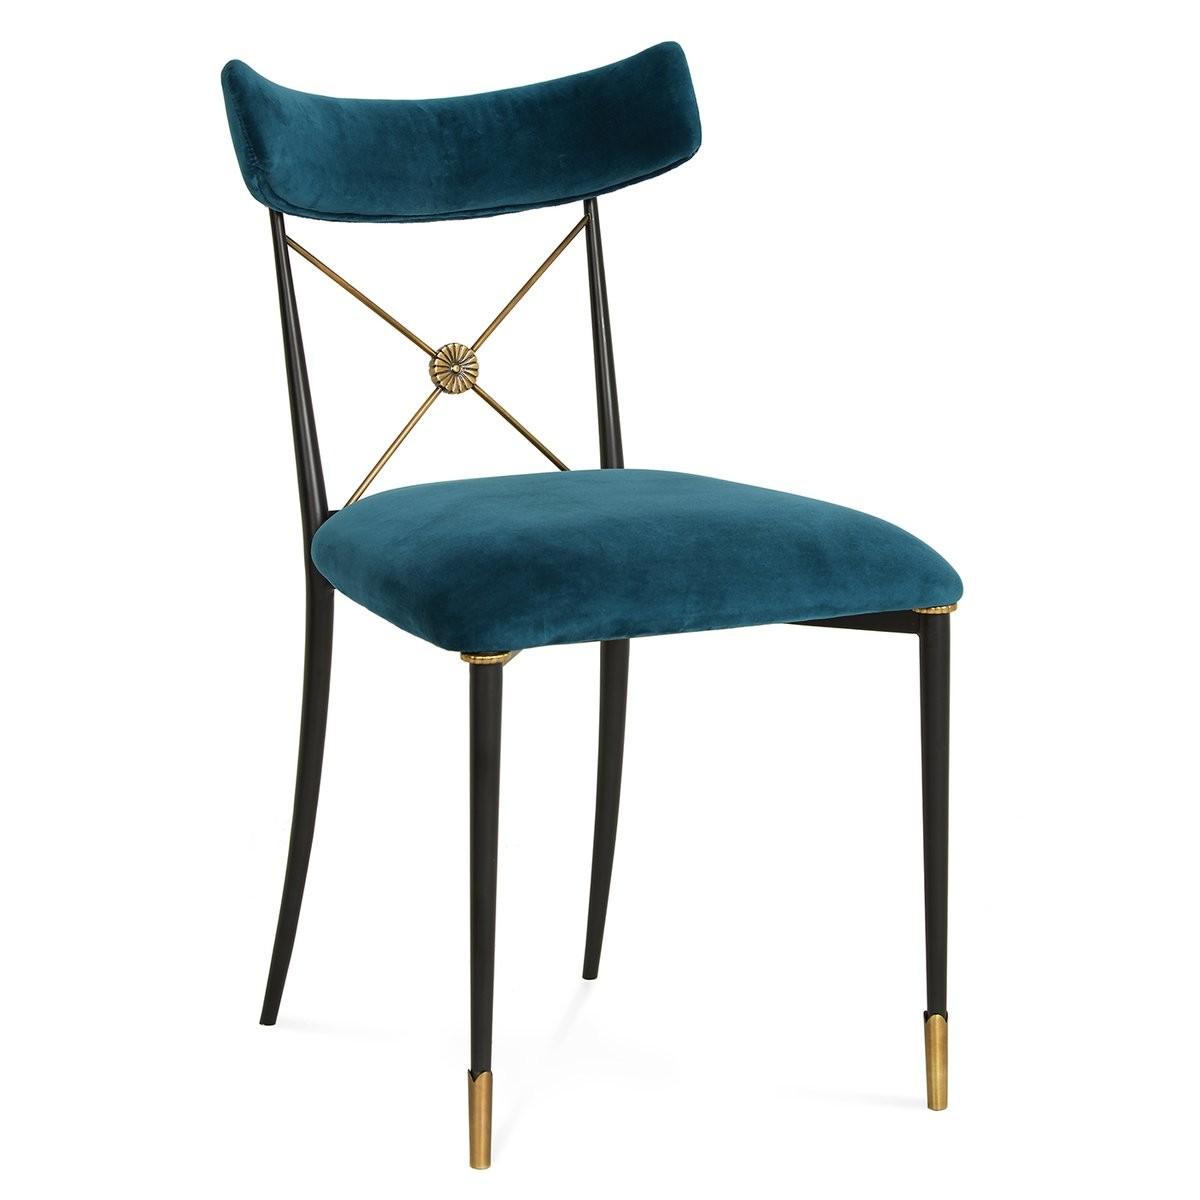 Jonathan Adler I Rider Dining Chair I Rialto Peacock